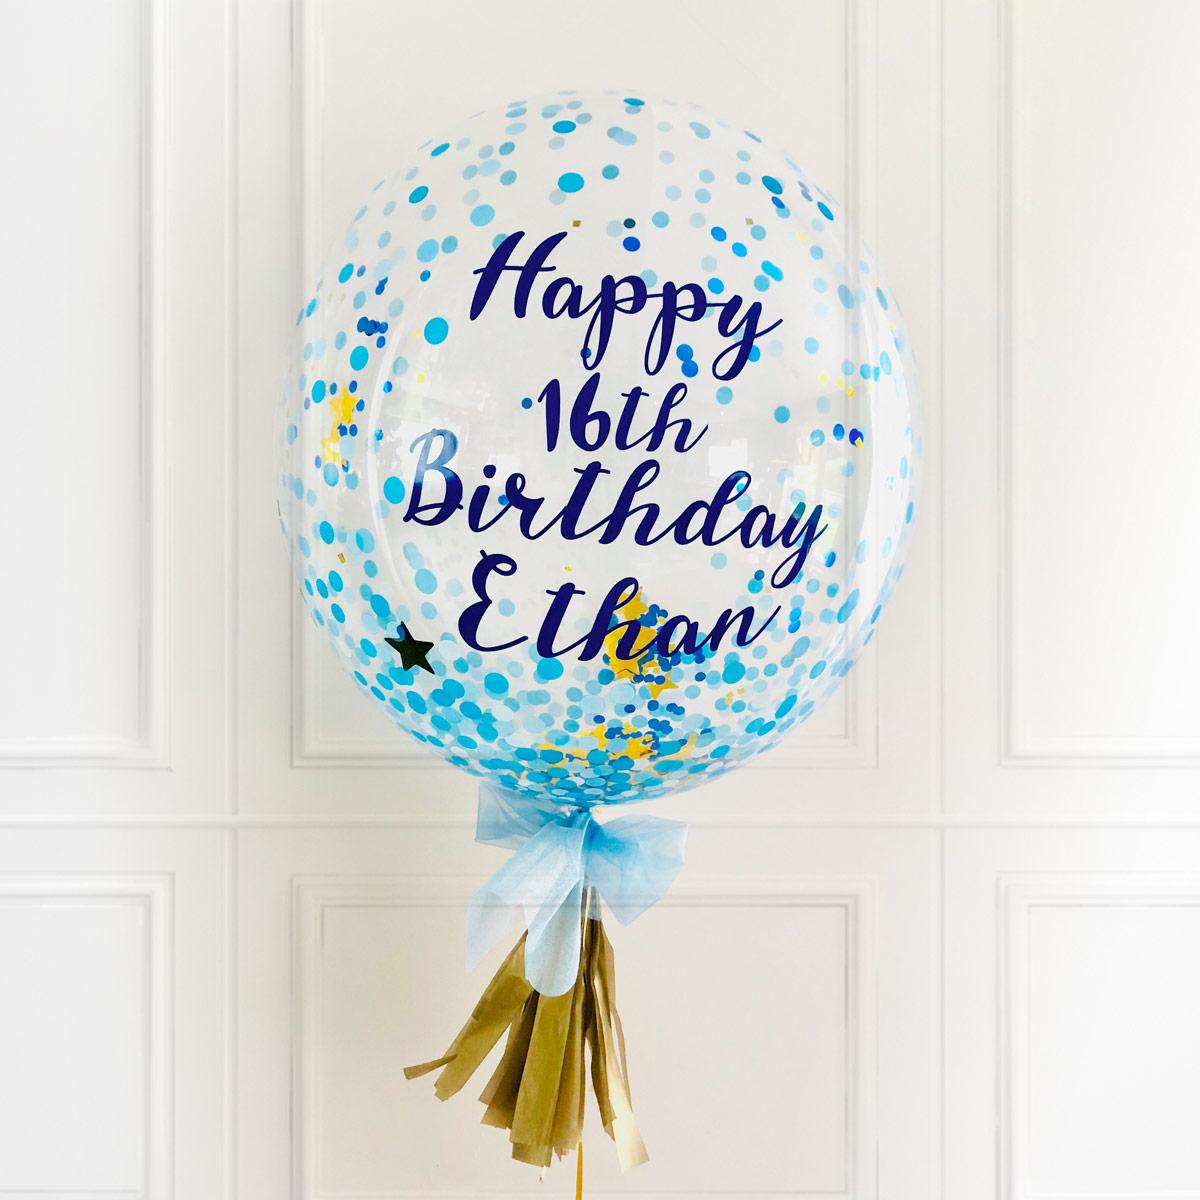 个性化五彩纸屑气球